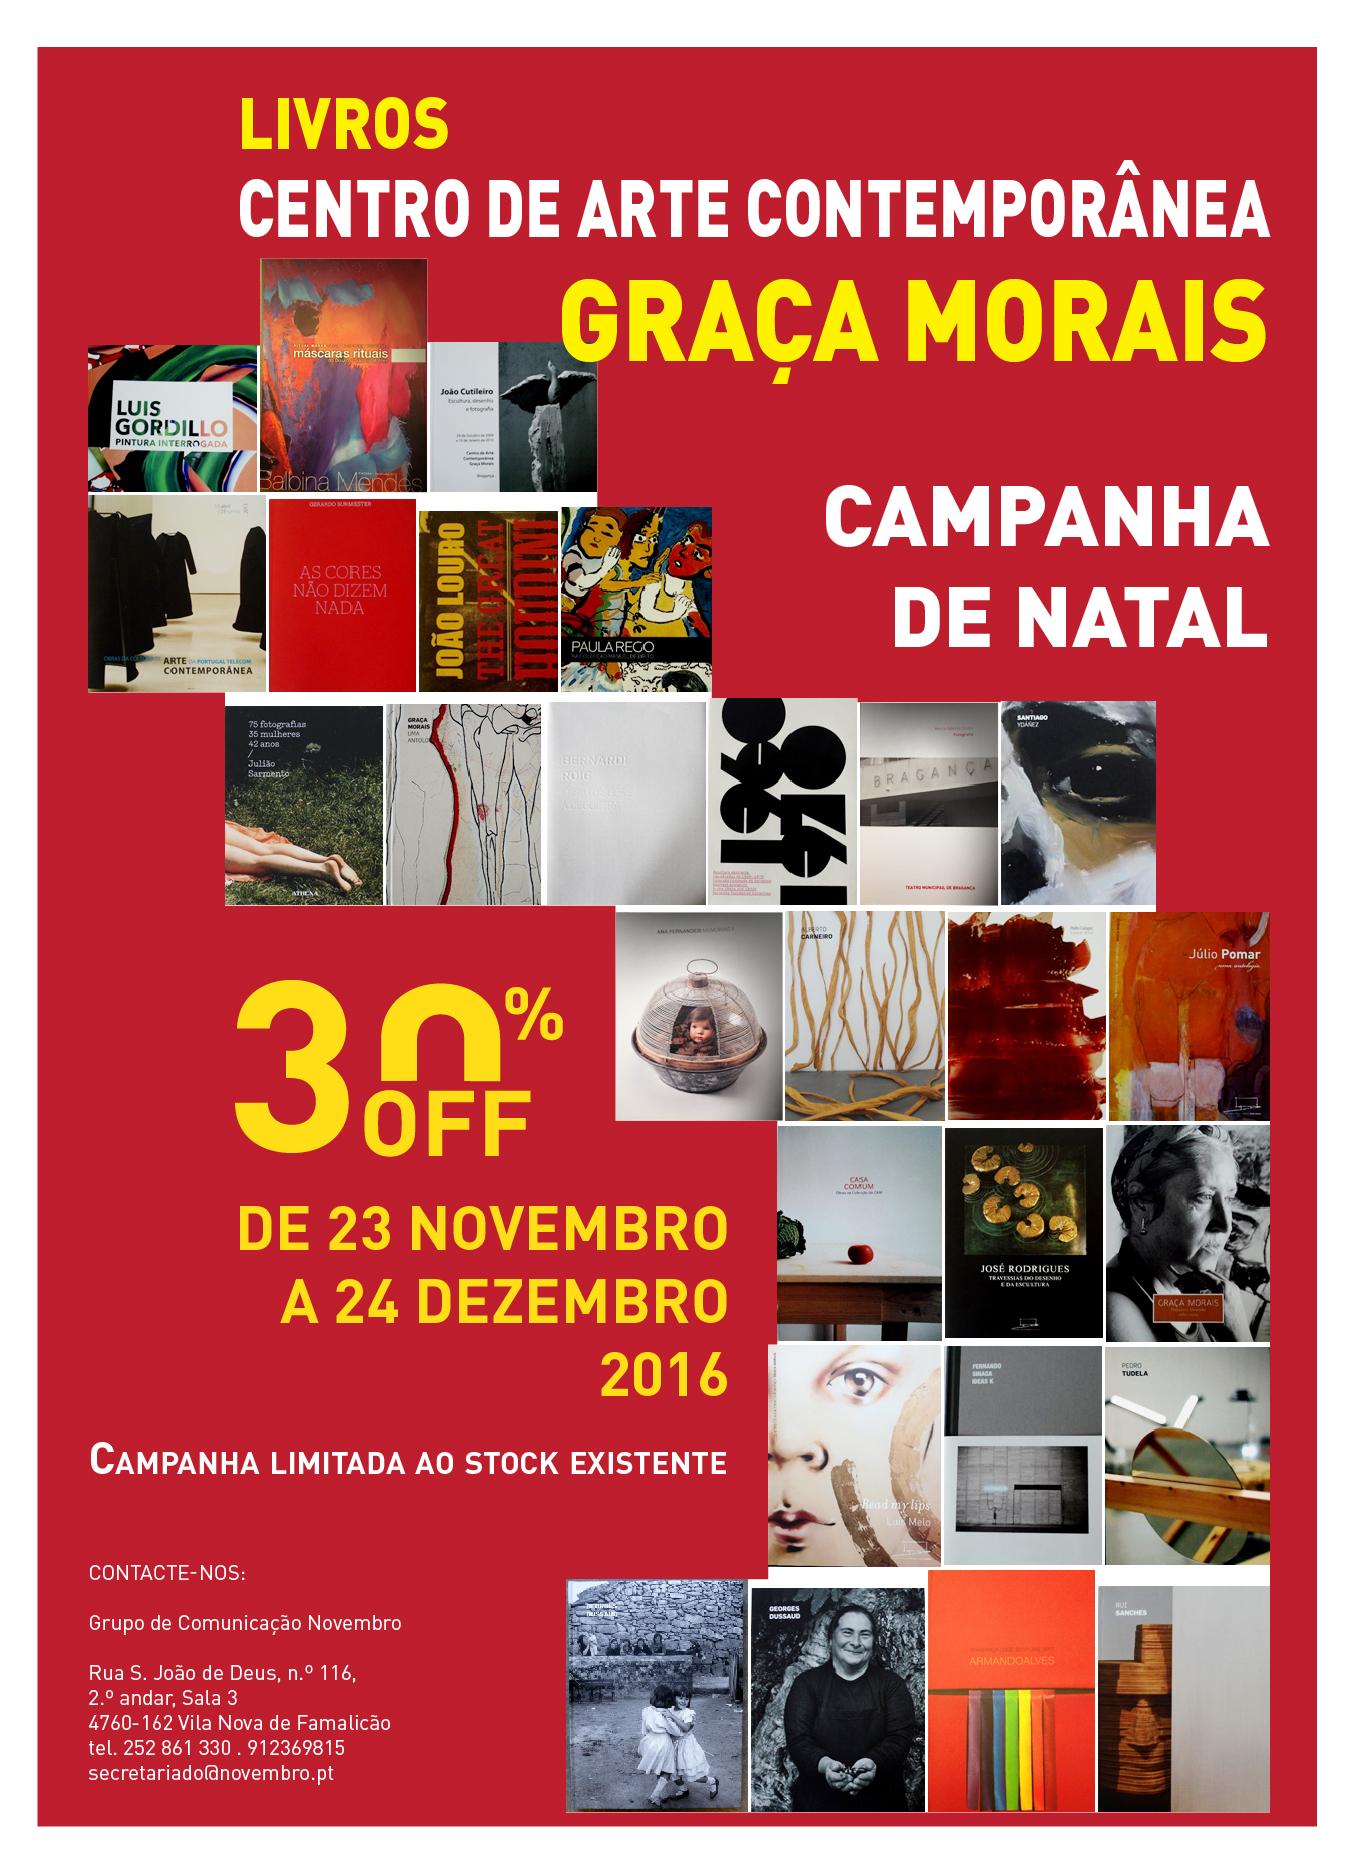 LIVROS CENTRO DE ARTE CONTEMPORÂNEA GRAÇA MORAIS